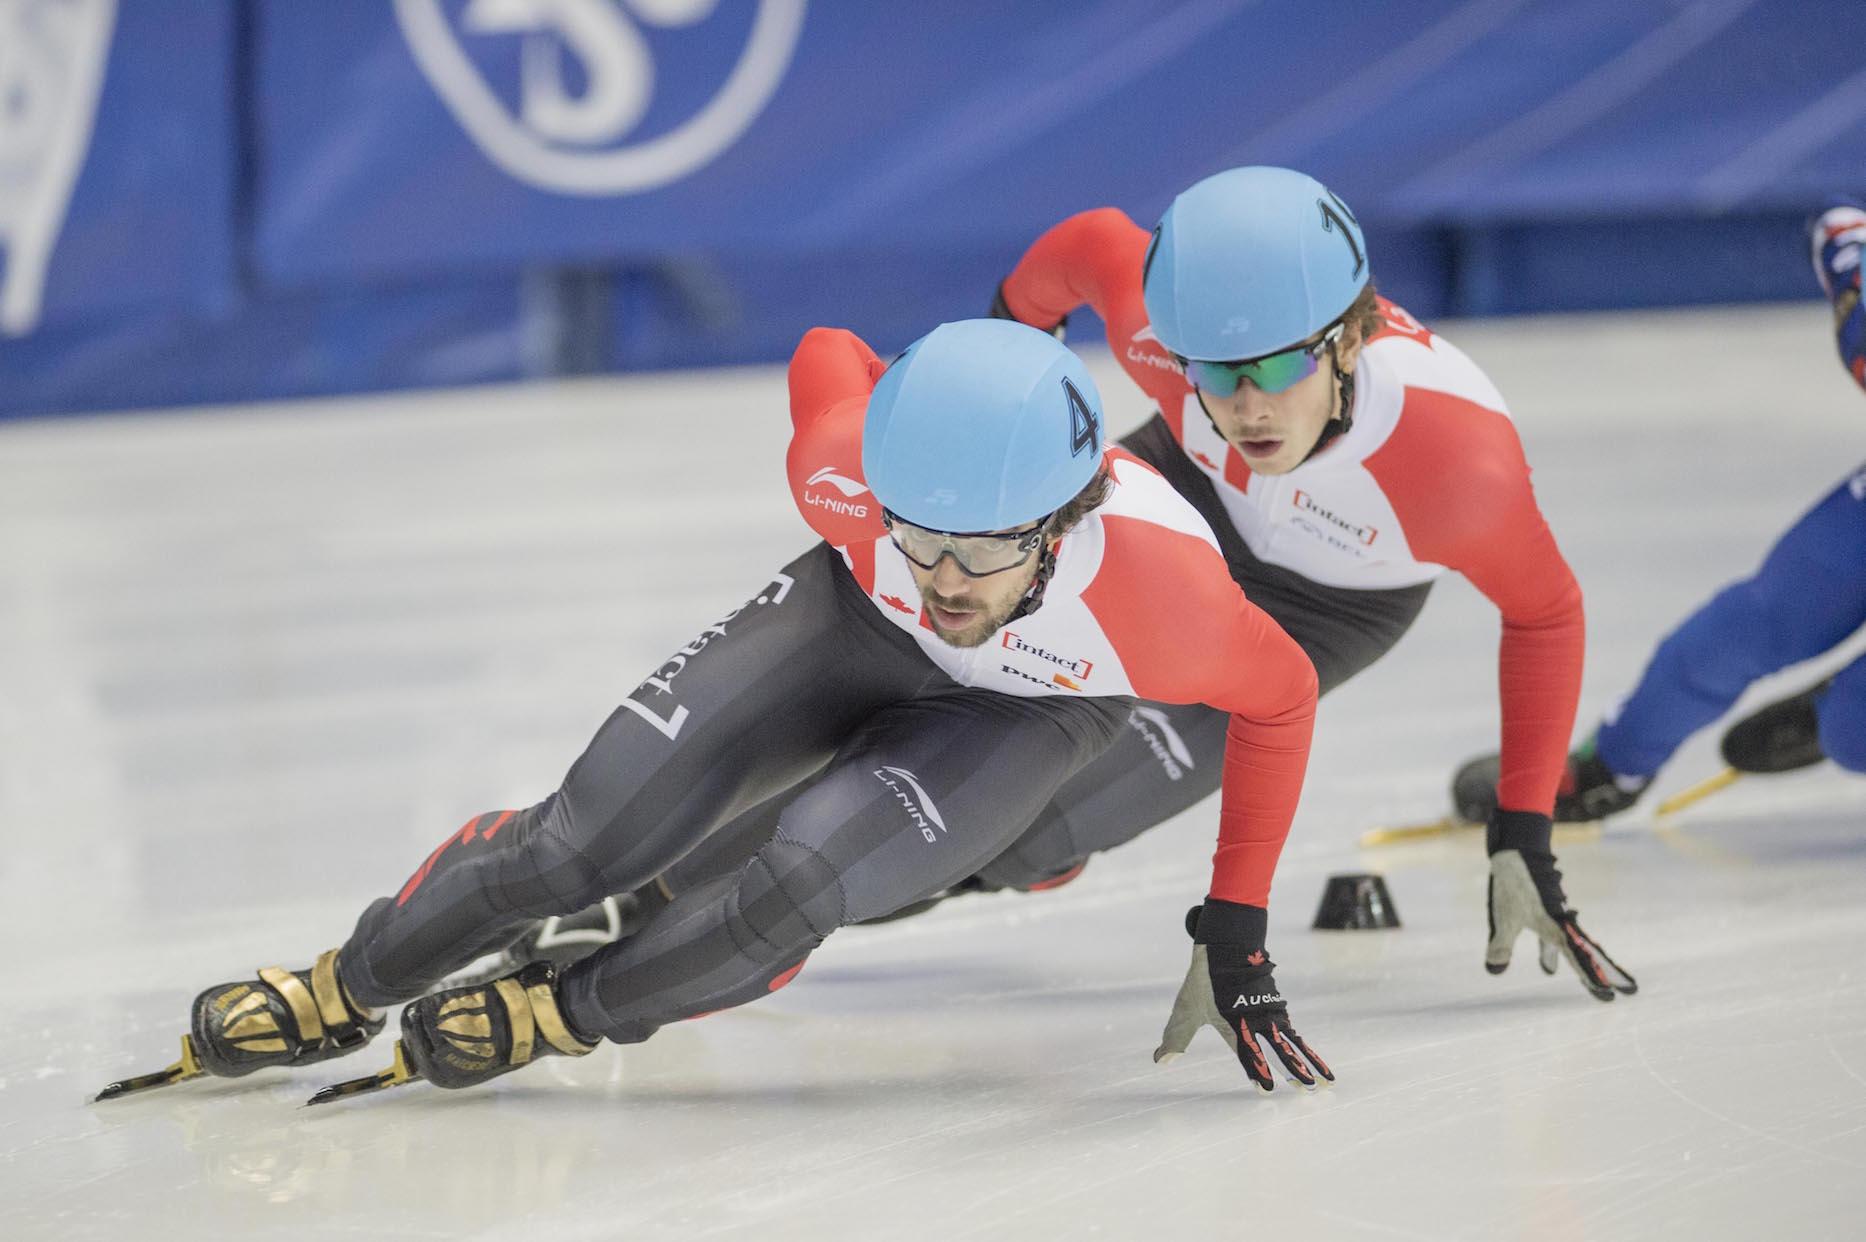 Charles Hamelin couronné d'or au 1000 m aux Championnats du monde de patinage de vitesse sur courte piste